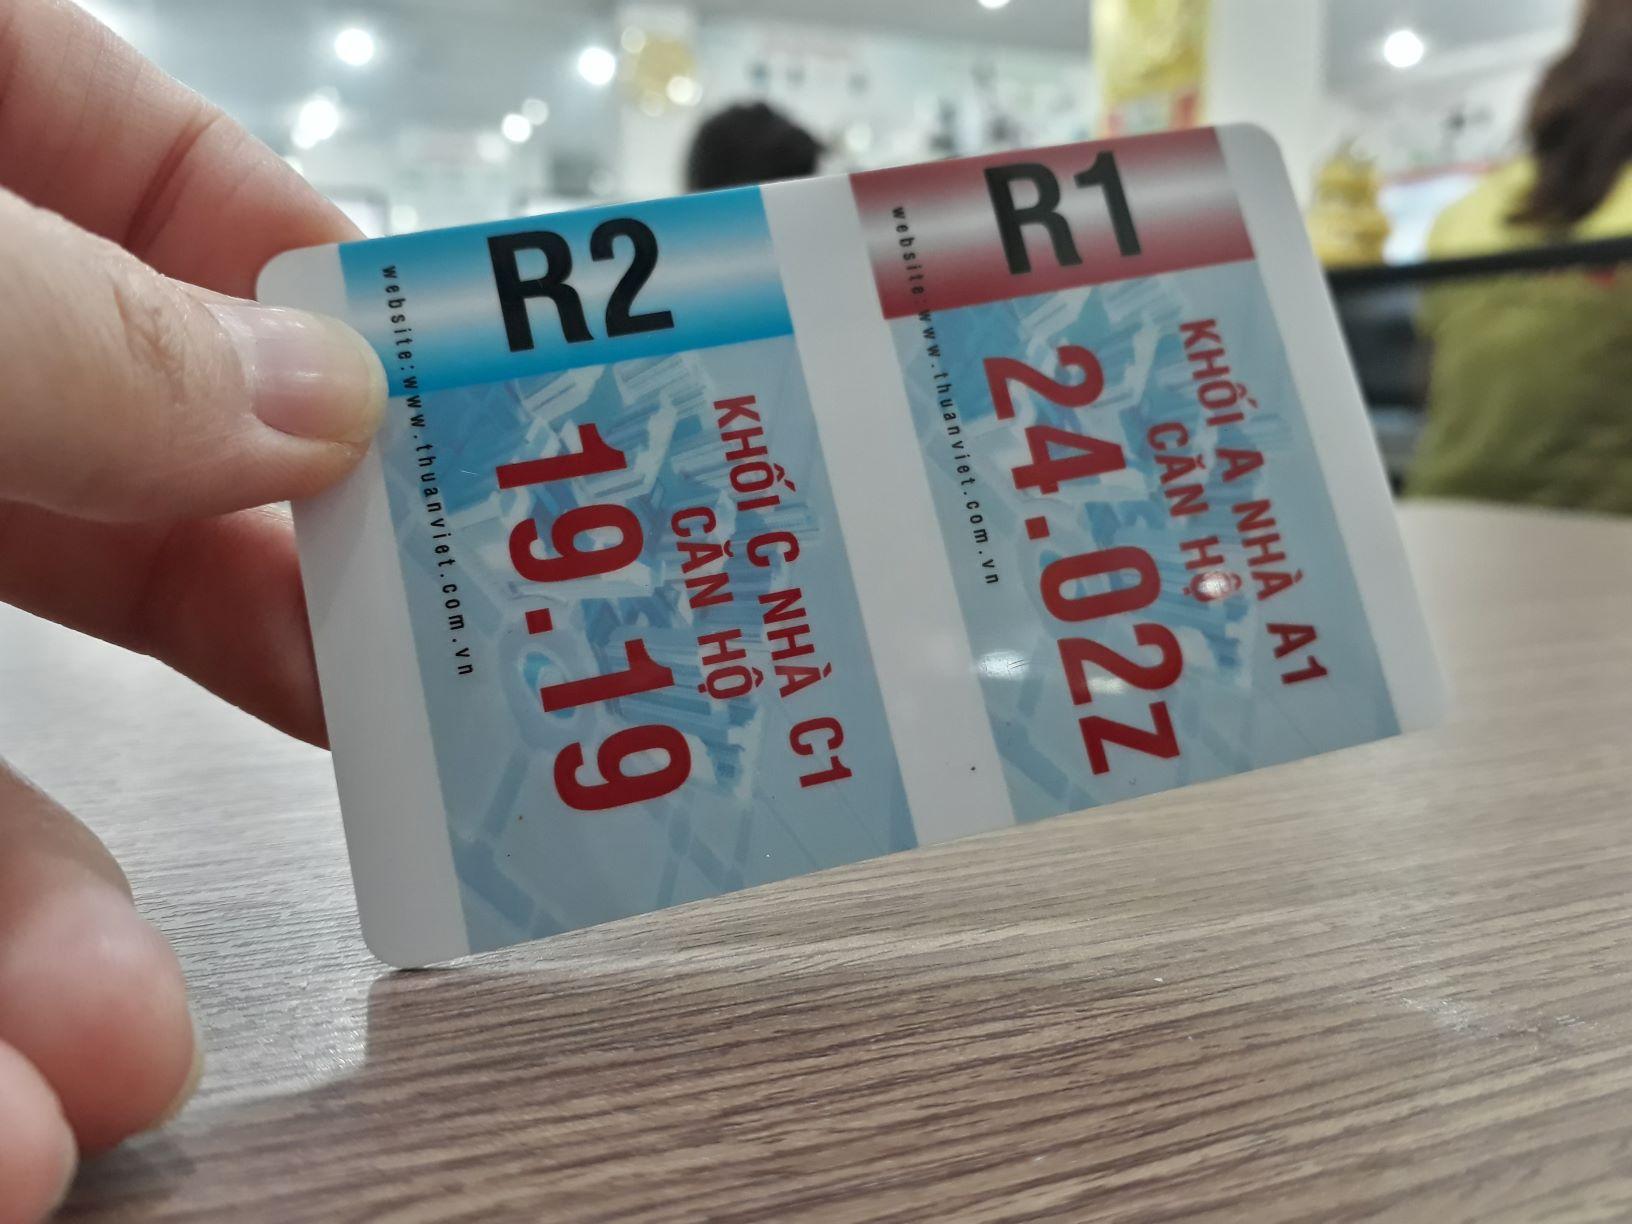 Thẻ cao cấp được ứng dụng nhiều trong các tòa nhà, làm thẻ giữ xe,...